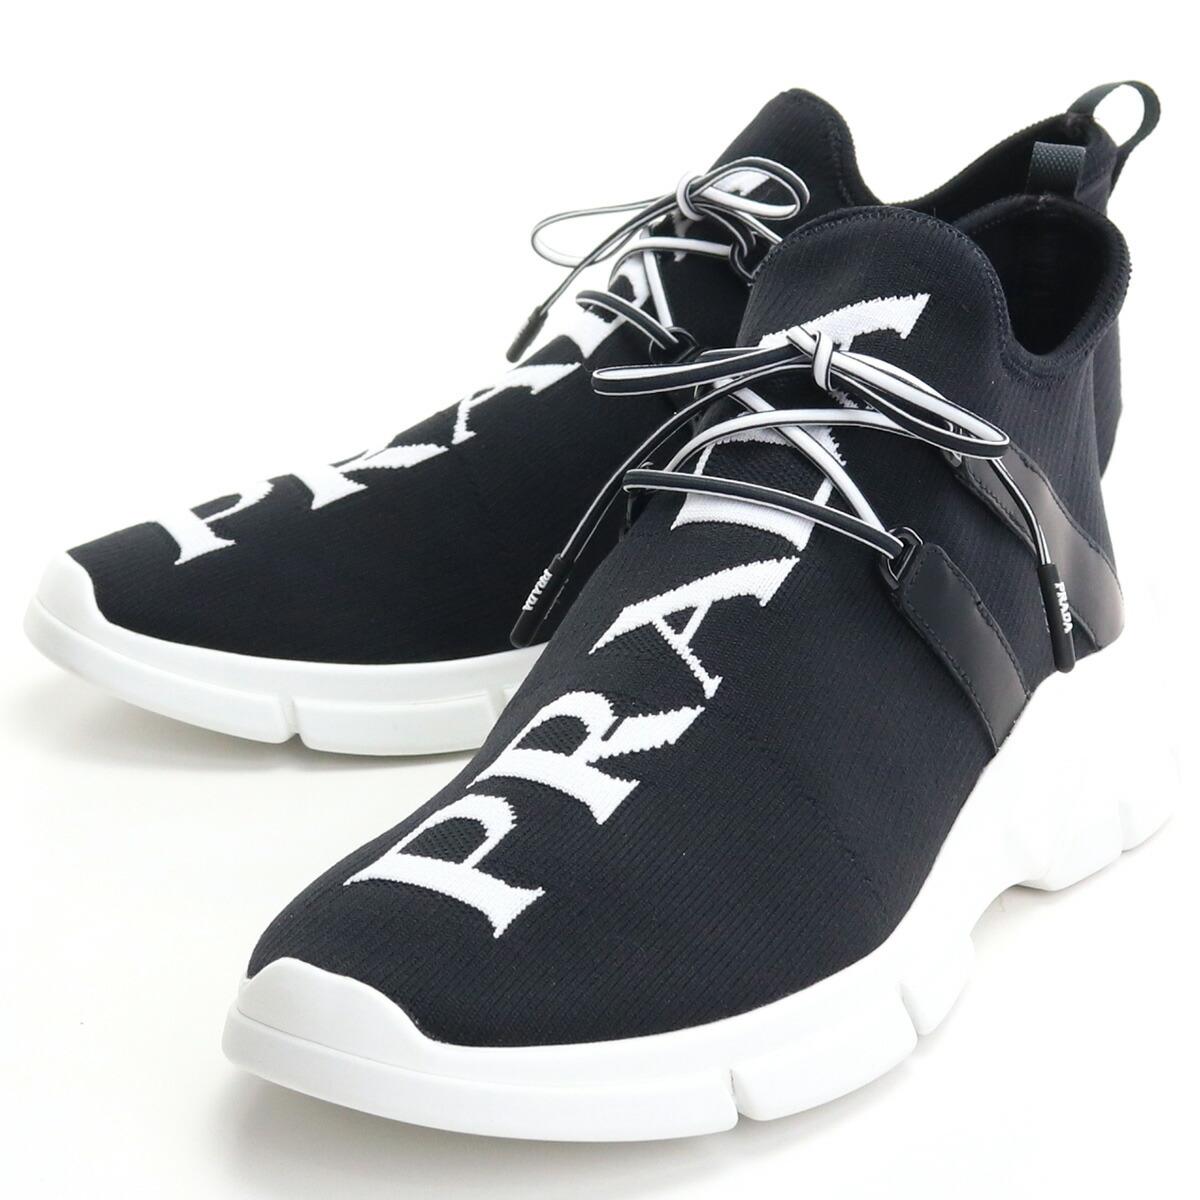 プラダ PRADA  メンズスニーカー ブランドロゴ ブランドスニーカー 4E3492 3LD8 F0967 NERO+BIANCO ブラック shoes-01